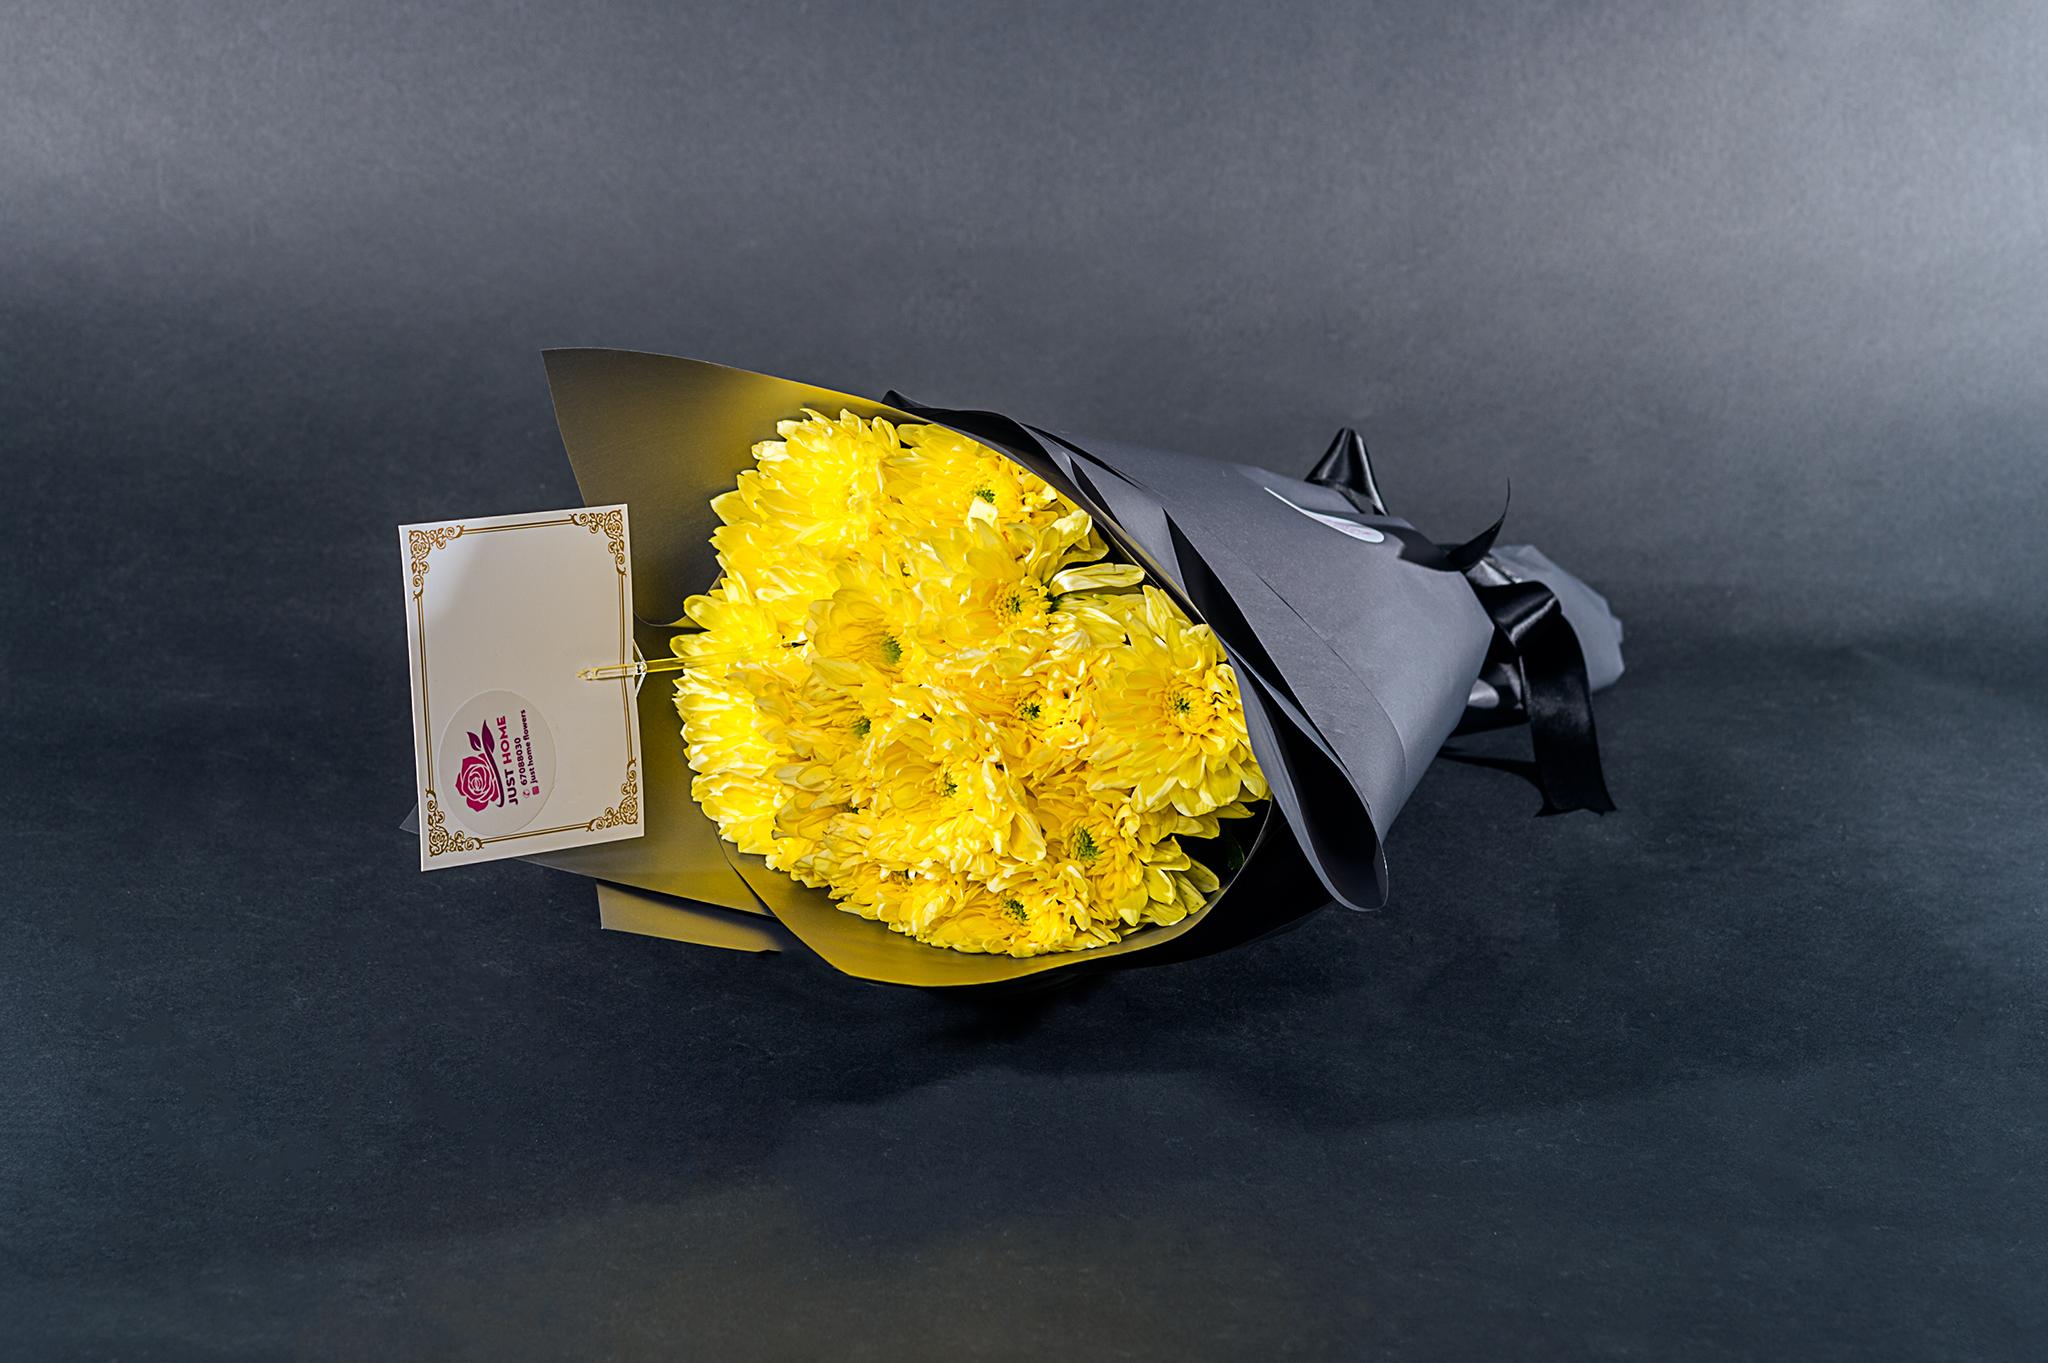 الصداقة والحب 'باقة زهور'